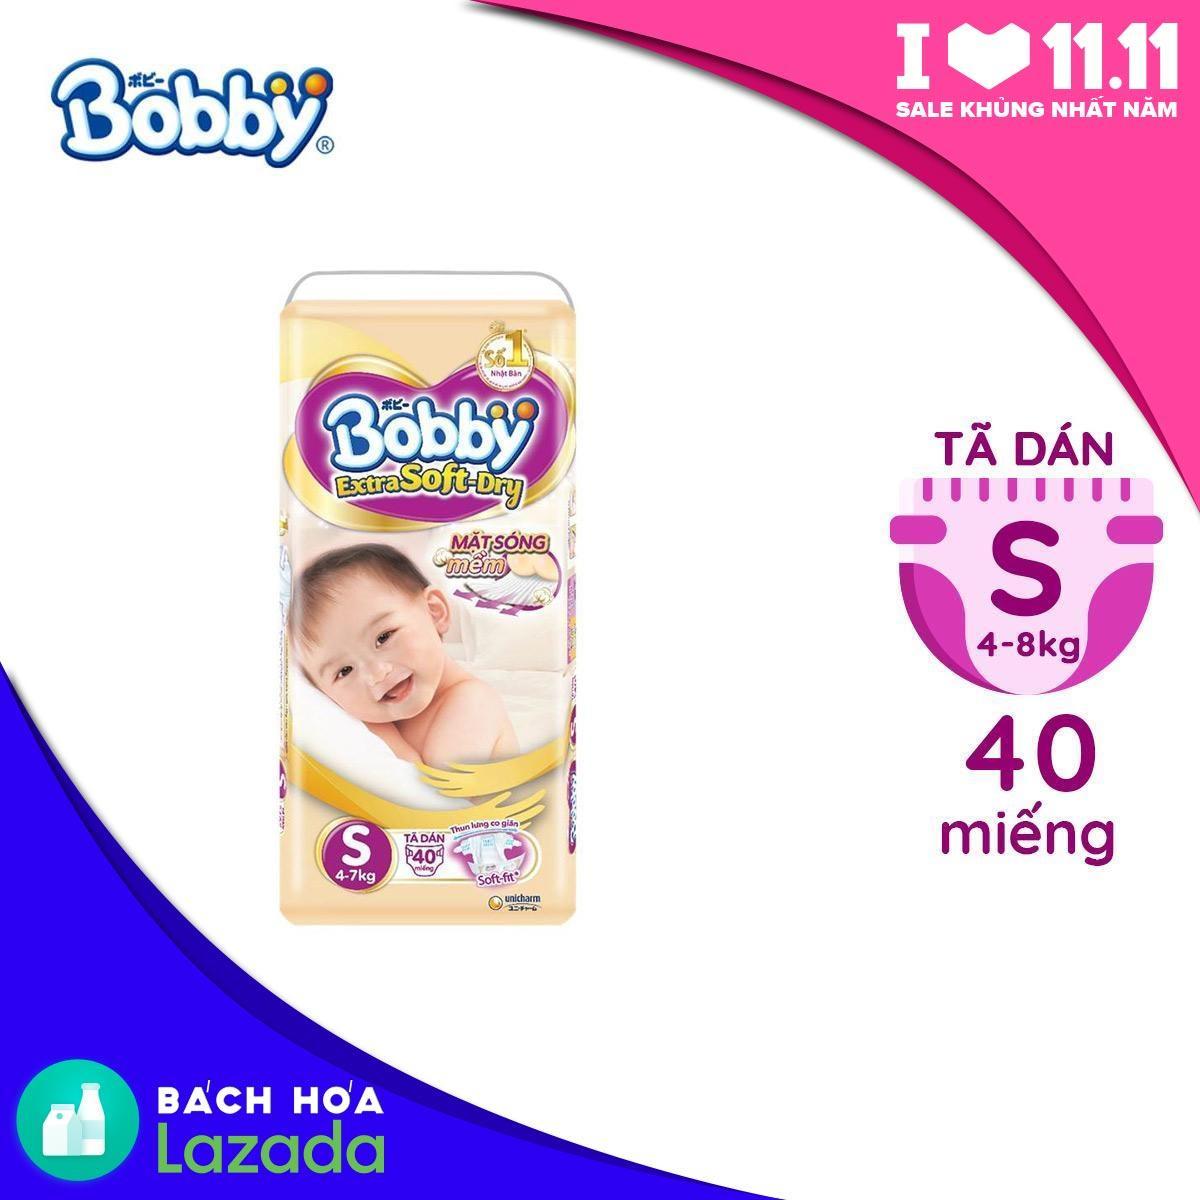 Tã/Bỉm dán cao cấp siêu mềm Bobby Extra Soft Dry...